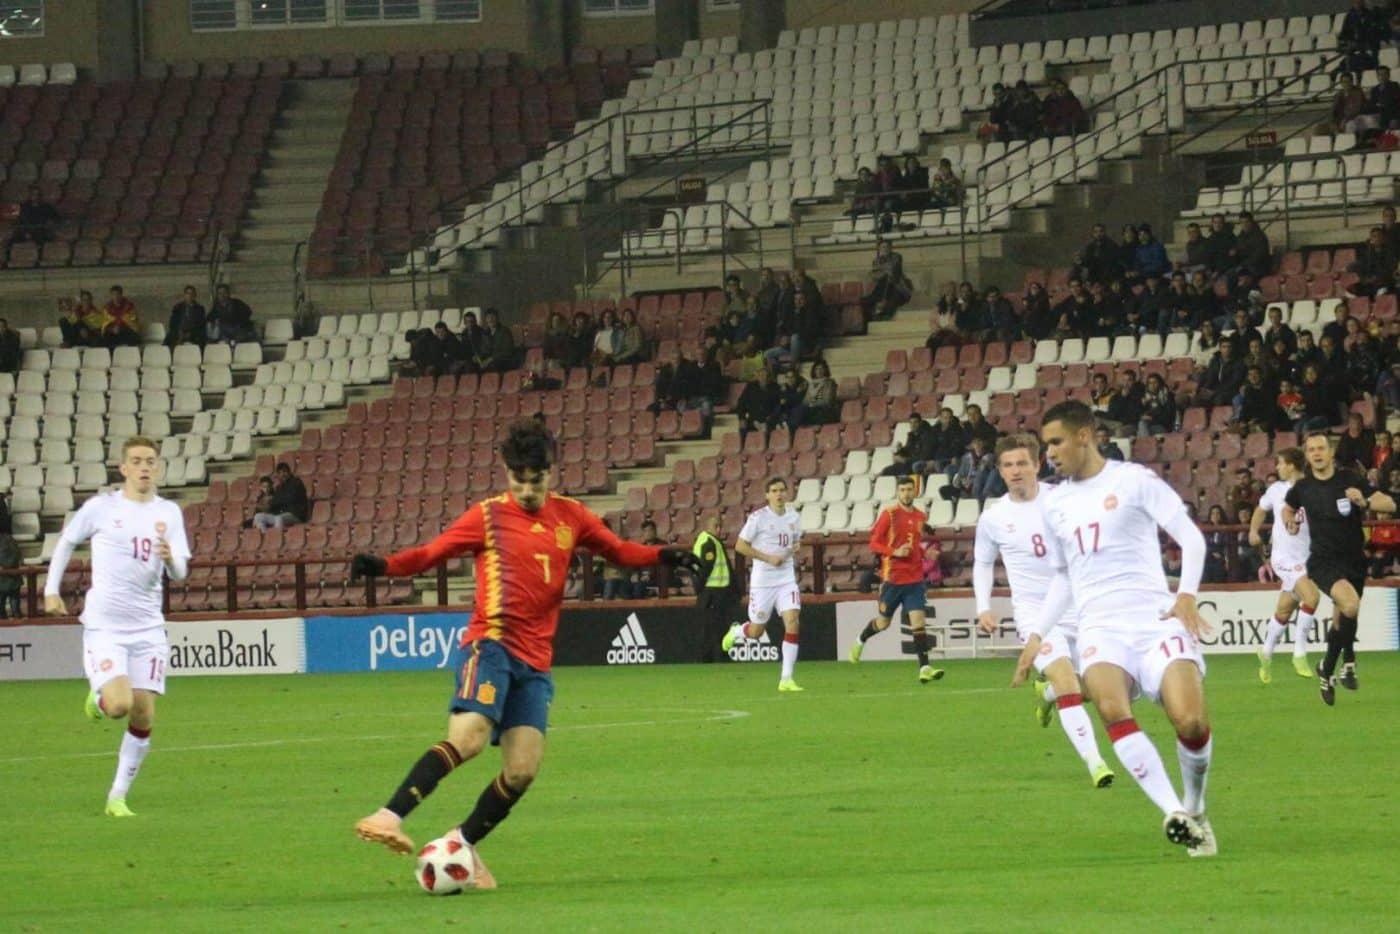 La Sub-21 de Luis de la Fuente remonta y golea en Las Gaunas 17